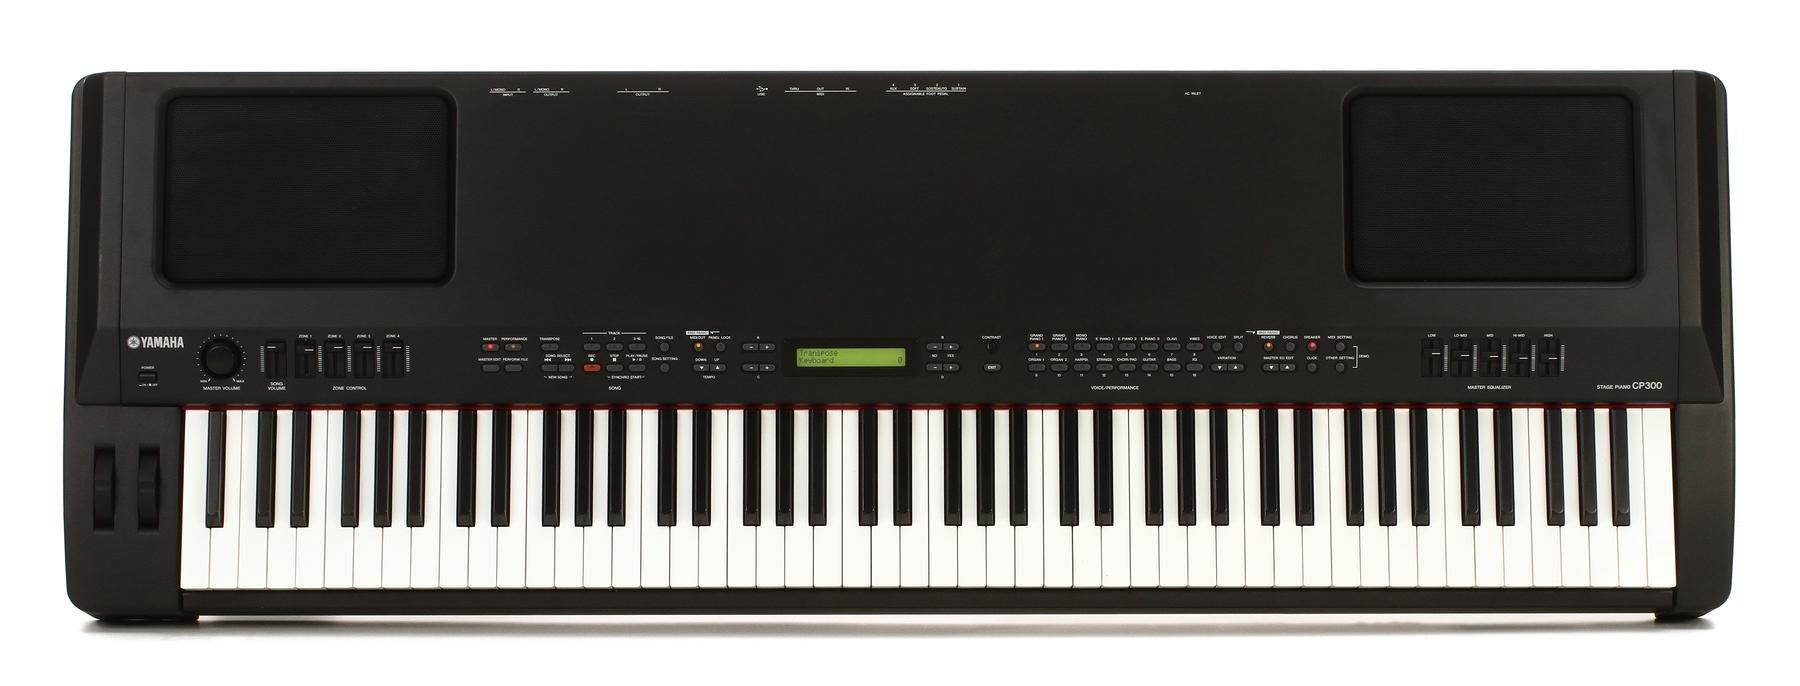 Yamaha cp300 pianoforte da palco da 88 tasti colore nero for Yamaha stage piano cp300